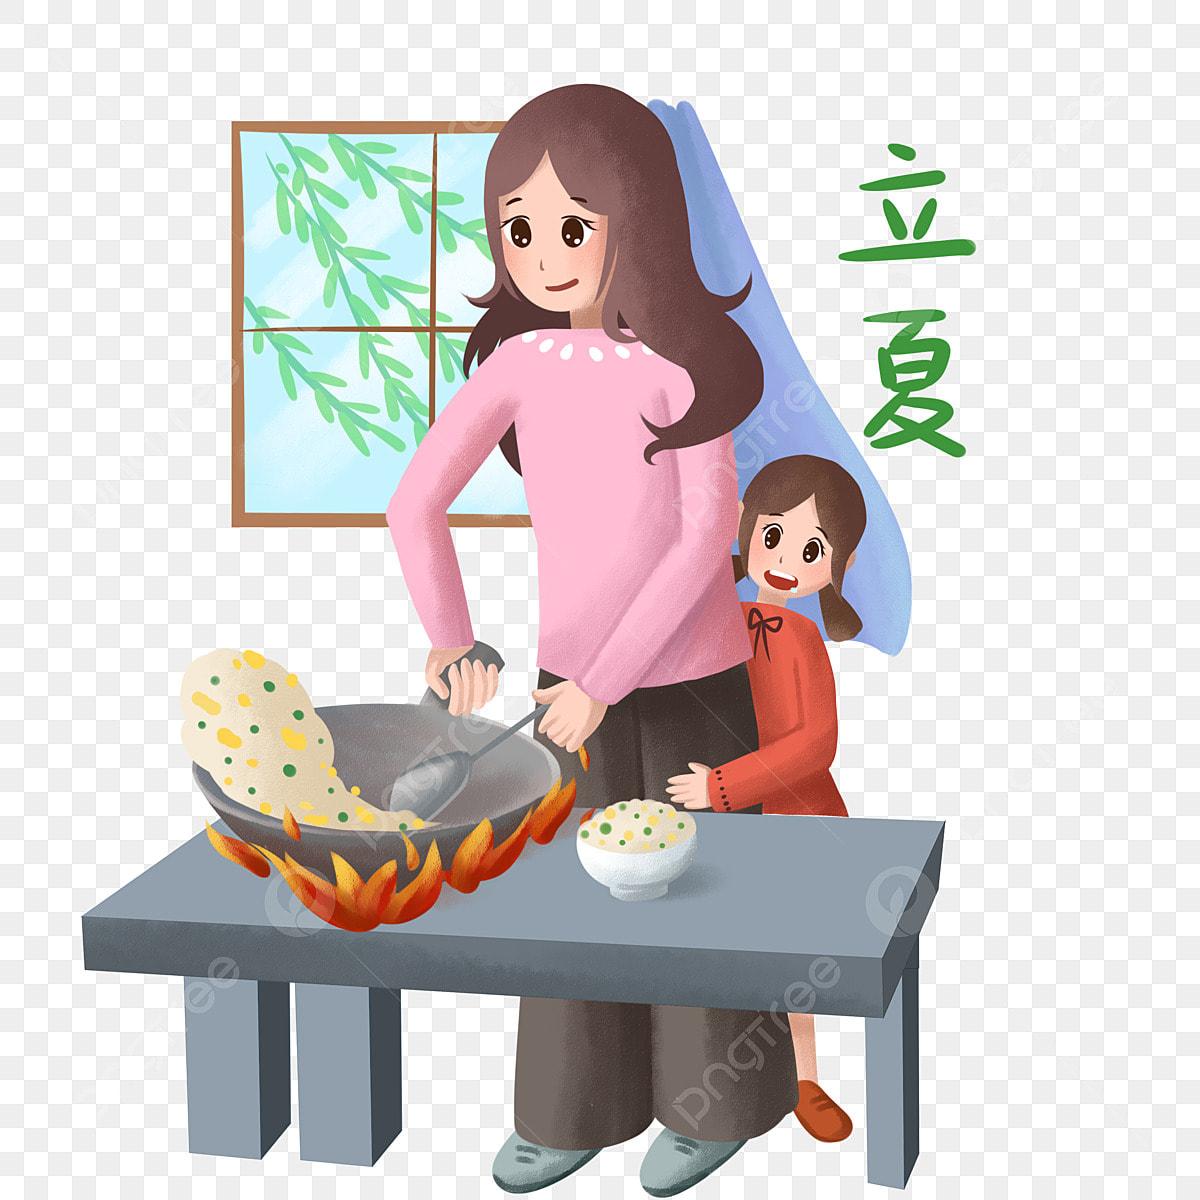 Gambar Musim Panas Musim Panas Masak Ibu Ibu Musim Panas Kartun Png Dan Psd Untuk Muat Turun Percuma